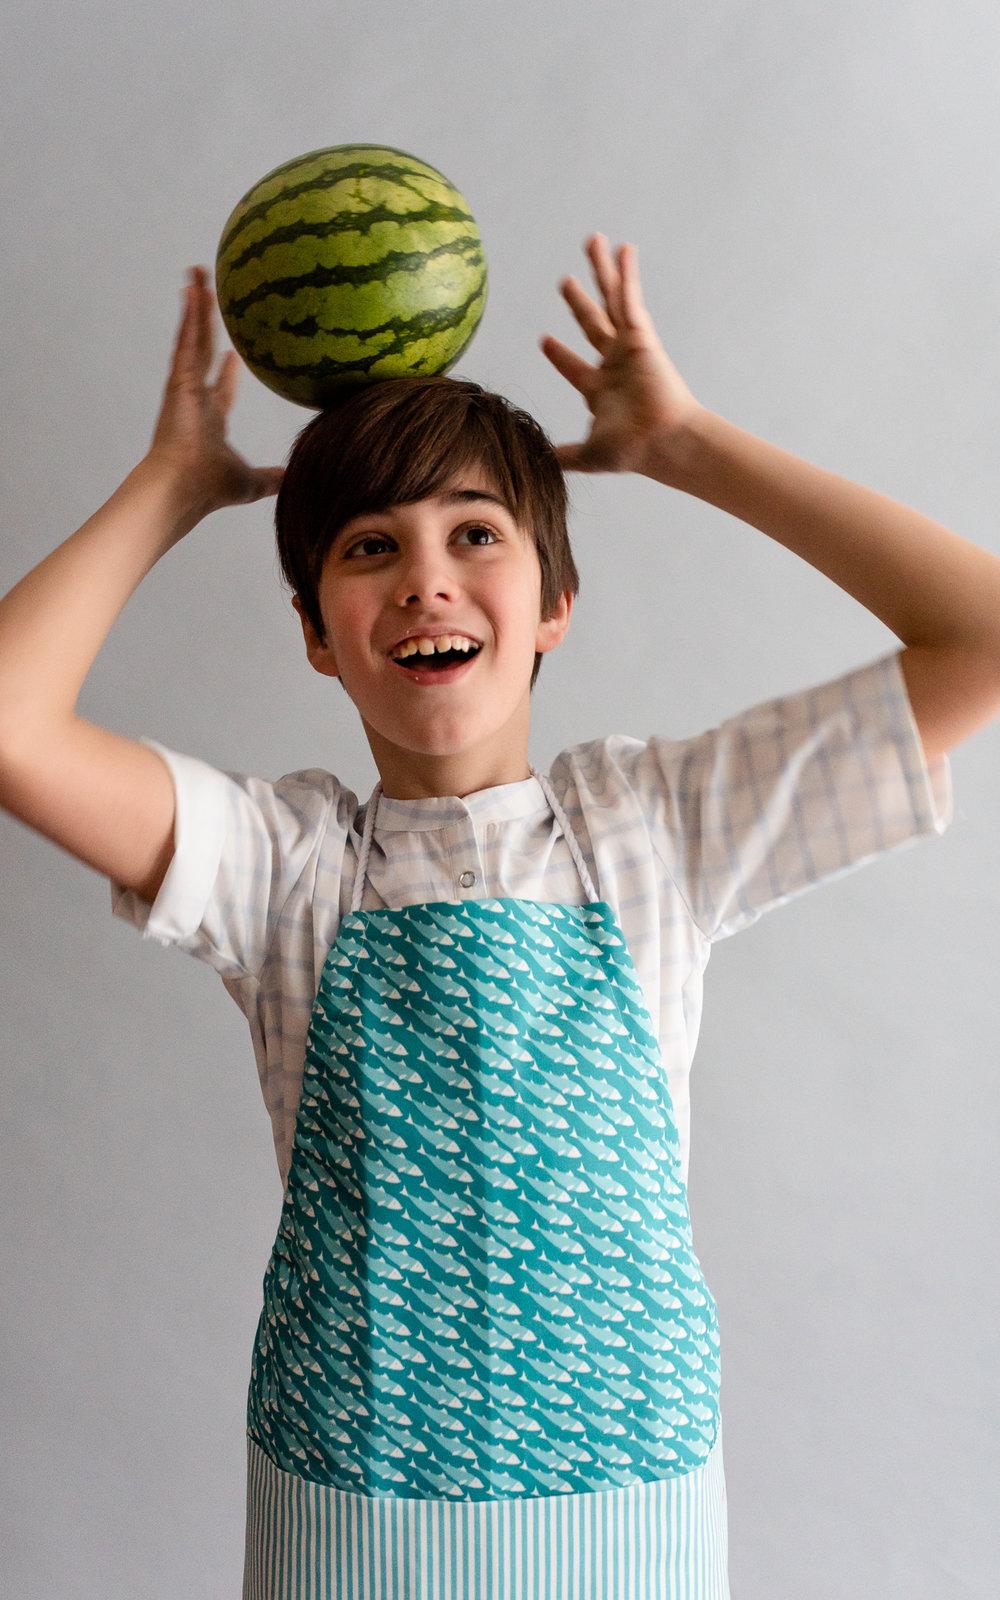 prp-kids=clothing-sewing-patterns58.jpg